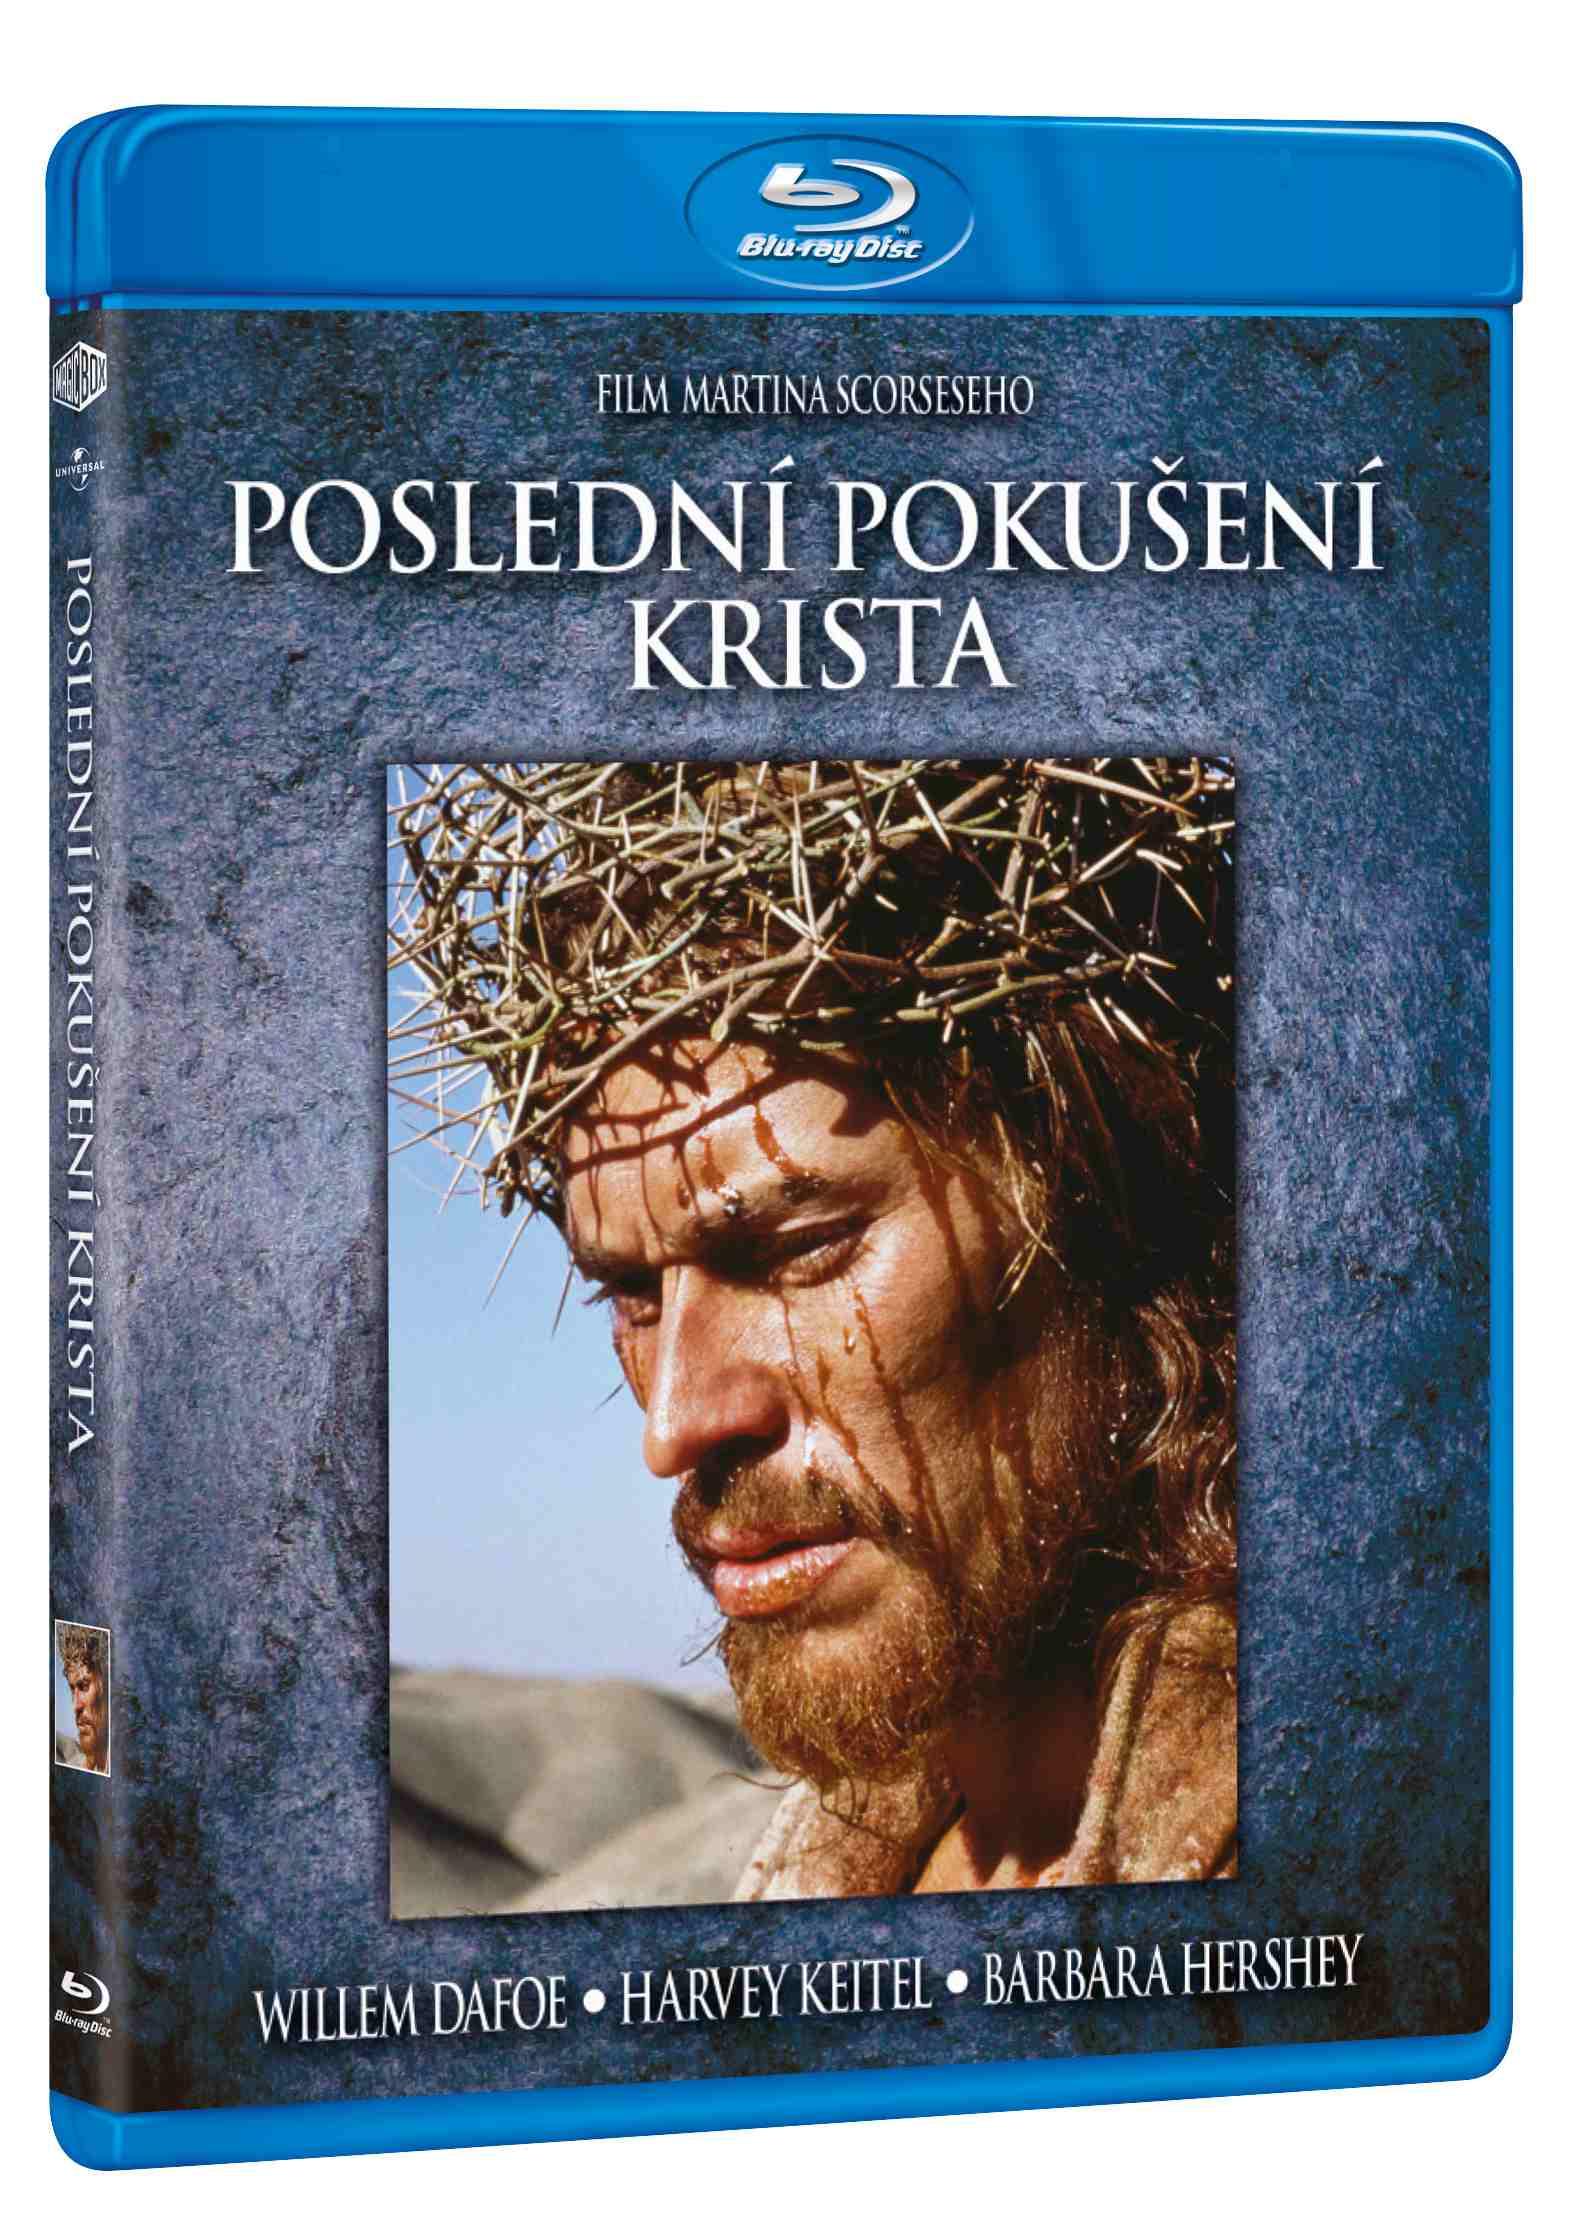 POSLEDNÍ POKUŠENÍ KRISTA - Blu-ray